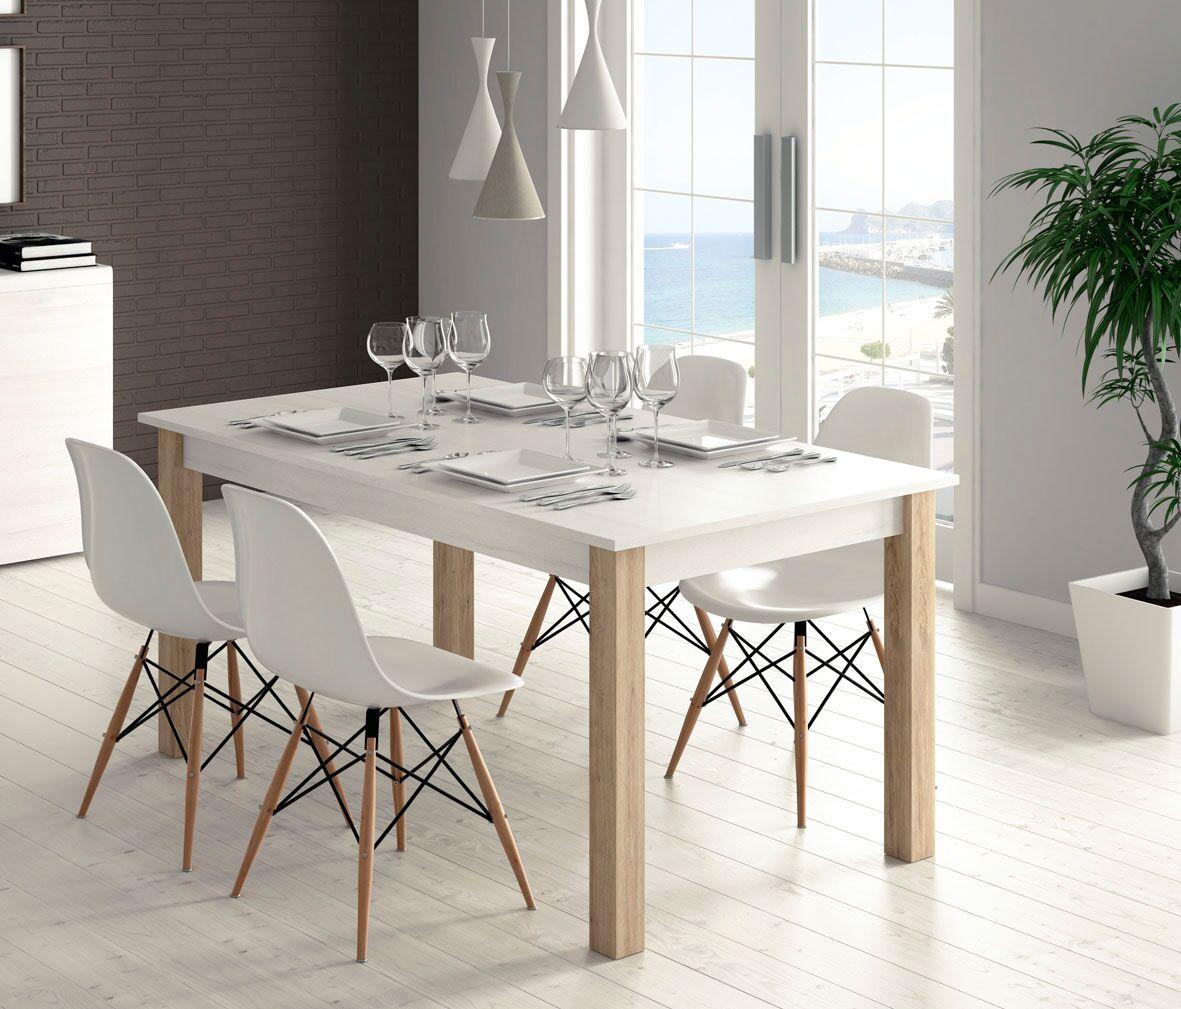 Mesa comedor de 135x90 con ala extensible a 180 cm, combina la tapa y pata como quieras.